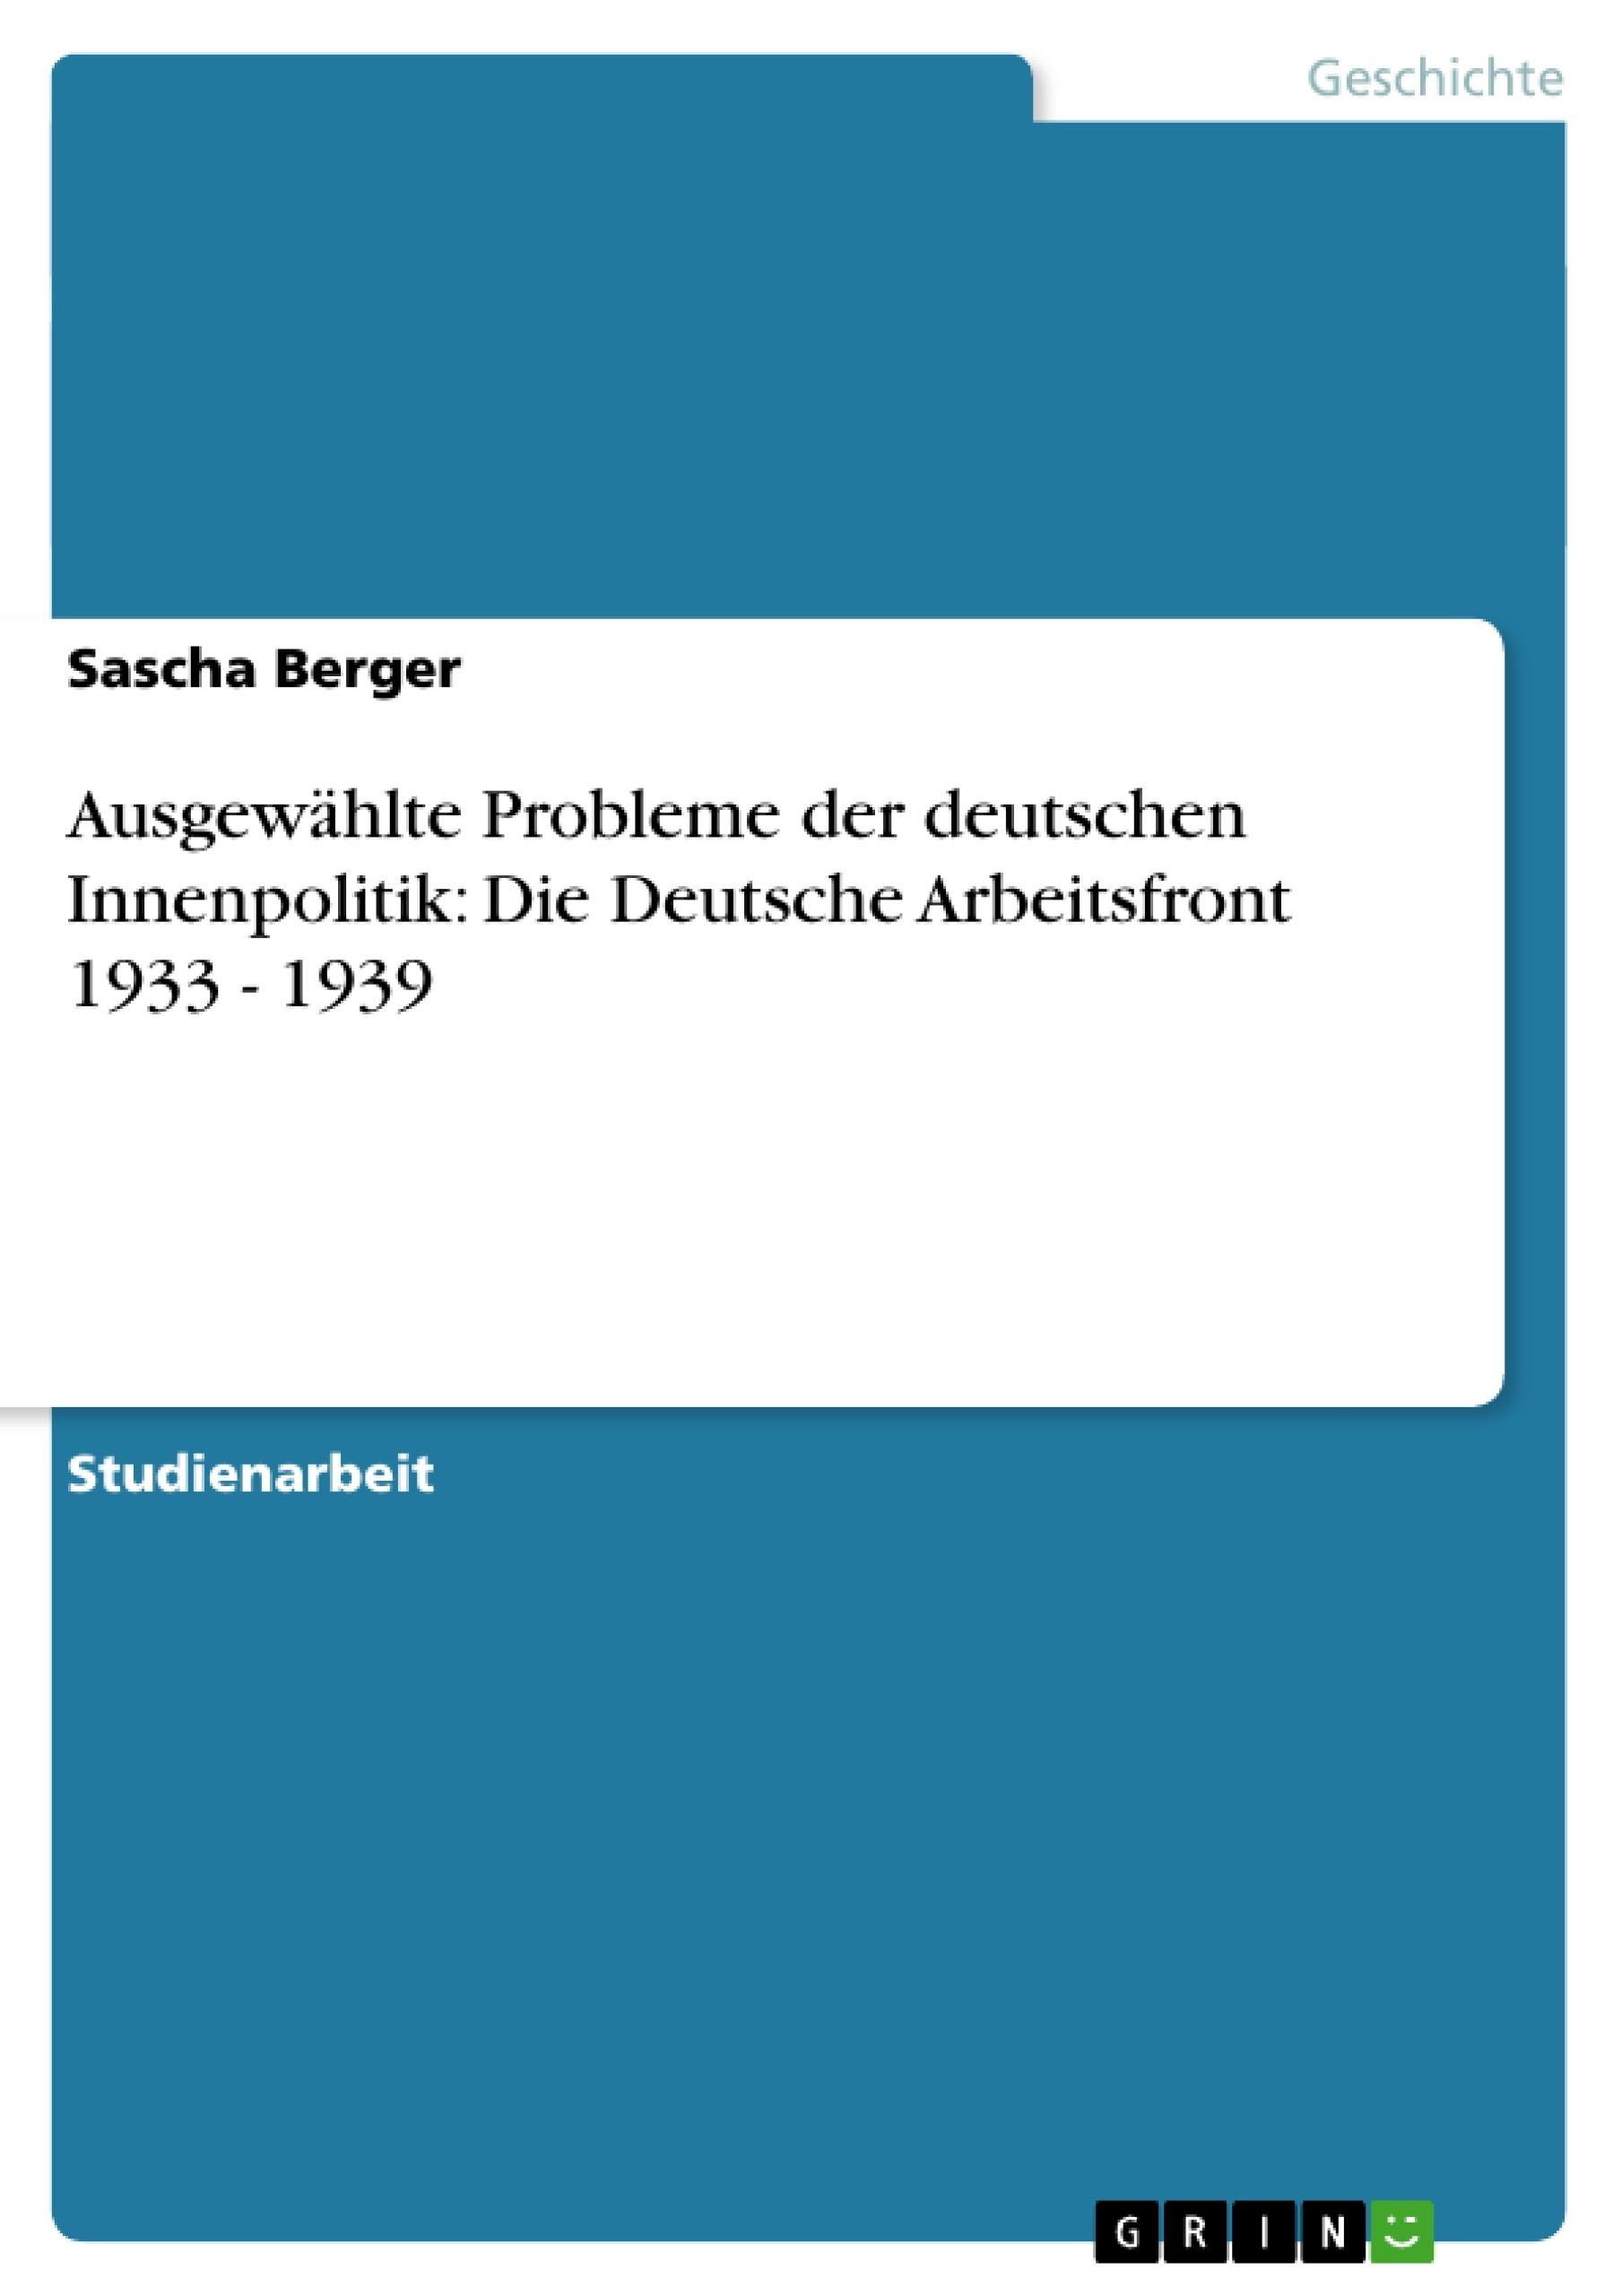 Titel: Ausgewählte Probleme der deutschen Innenpolitik:  Die Deutsche Arbeitsfront 1933 - 1939